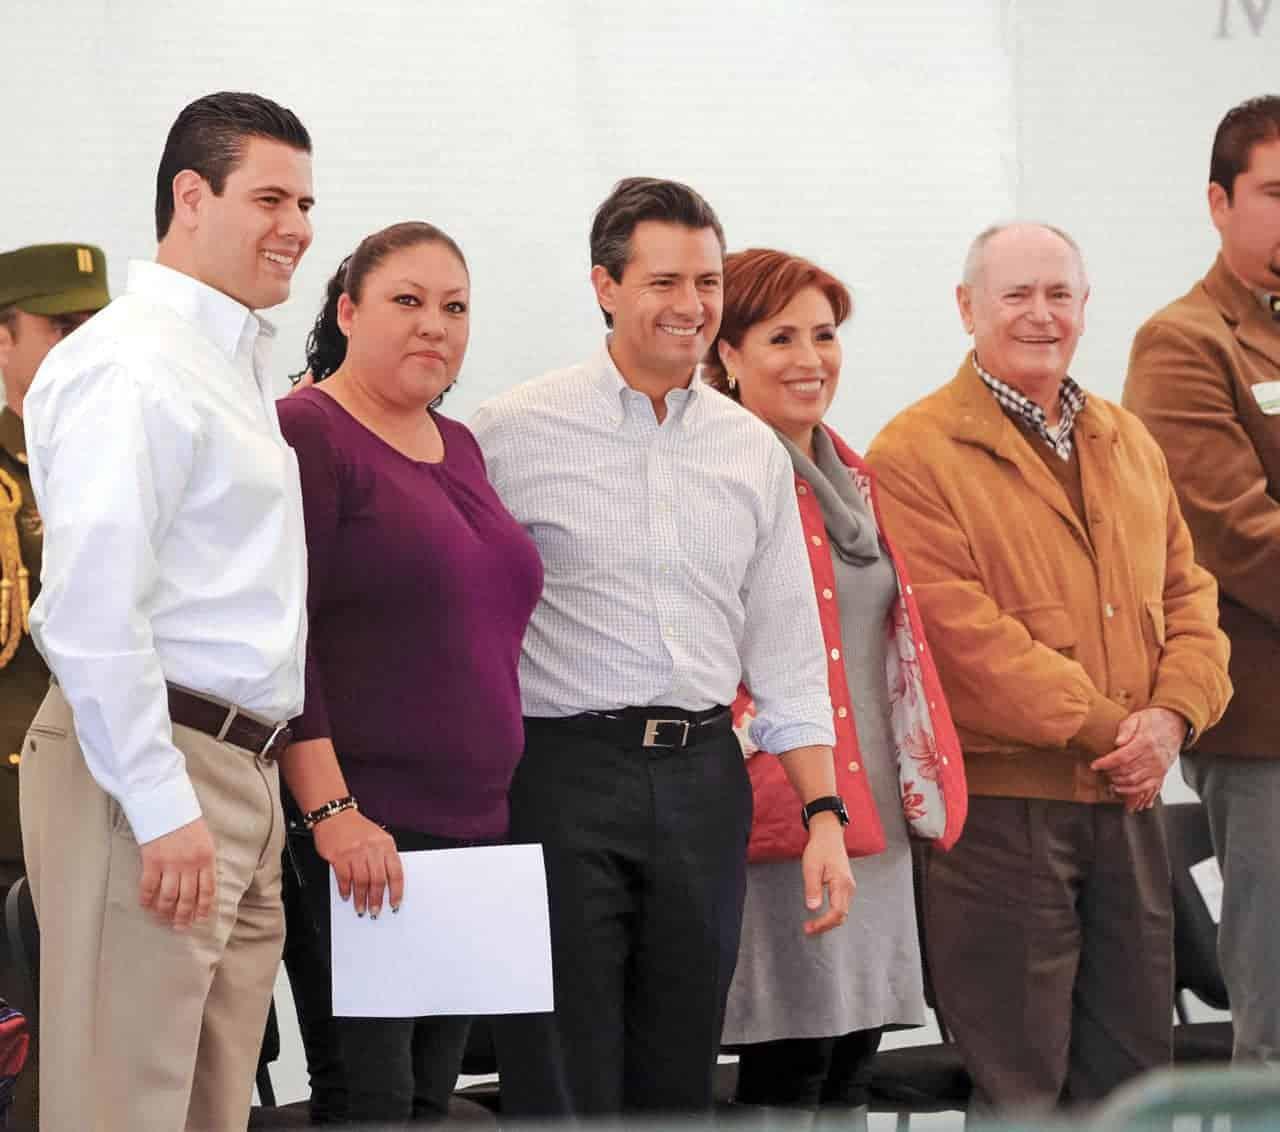 El expresidente Enrique Peña Nieto junto al gobernador de Zacatecas, Miguel Alonso Reyes, así como la titular de la Sedesol, Rosario Robles, en un encuentro con madres jefas de familia en Atitanac, en 2013